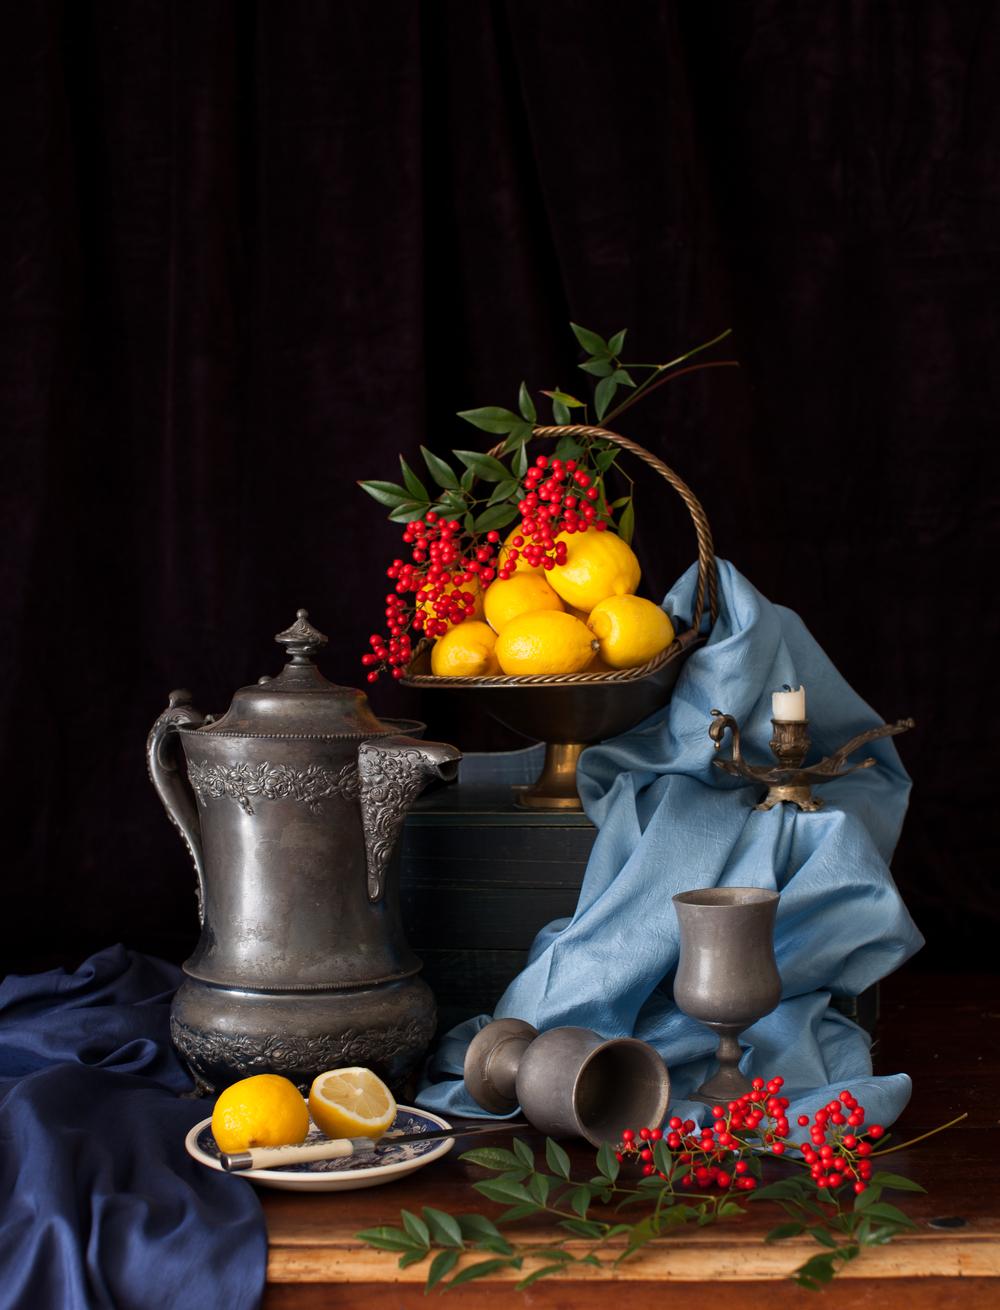 Lemons & Red Berries Still Life 2013